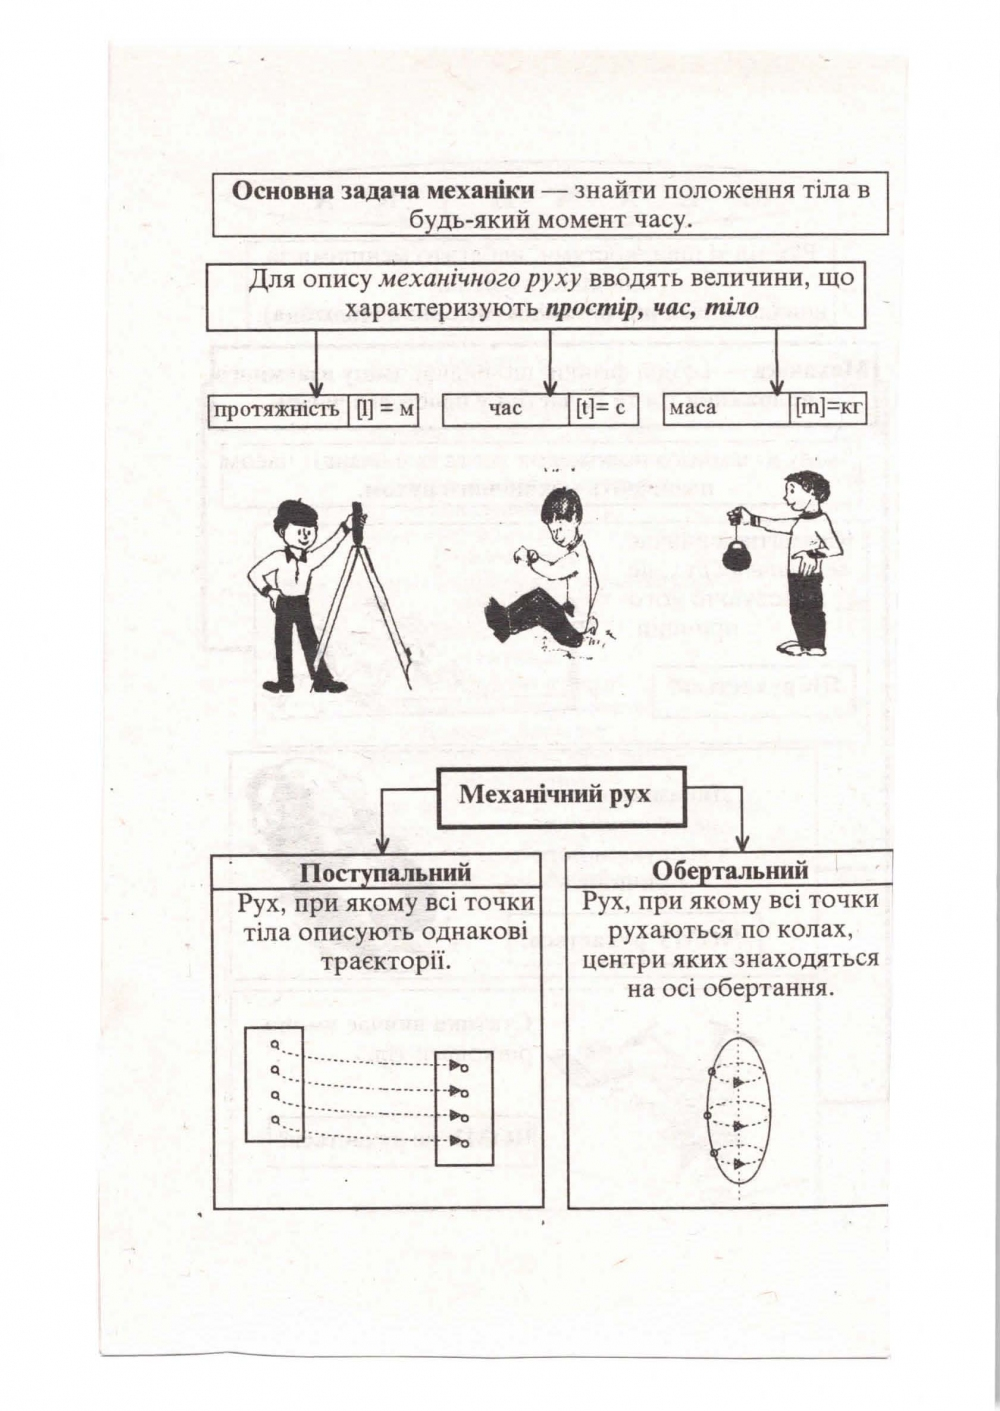 Фізика в таблицях і схемах : Почтаренко Г. Логос. купити 7